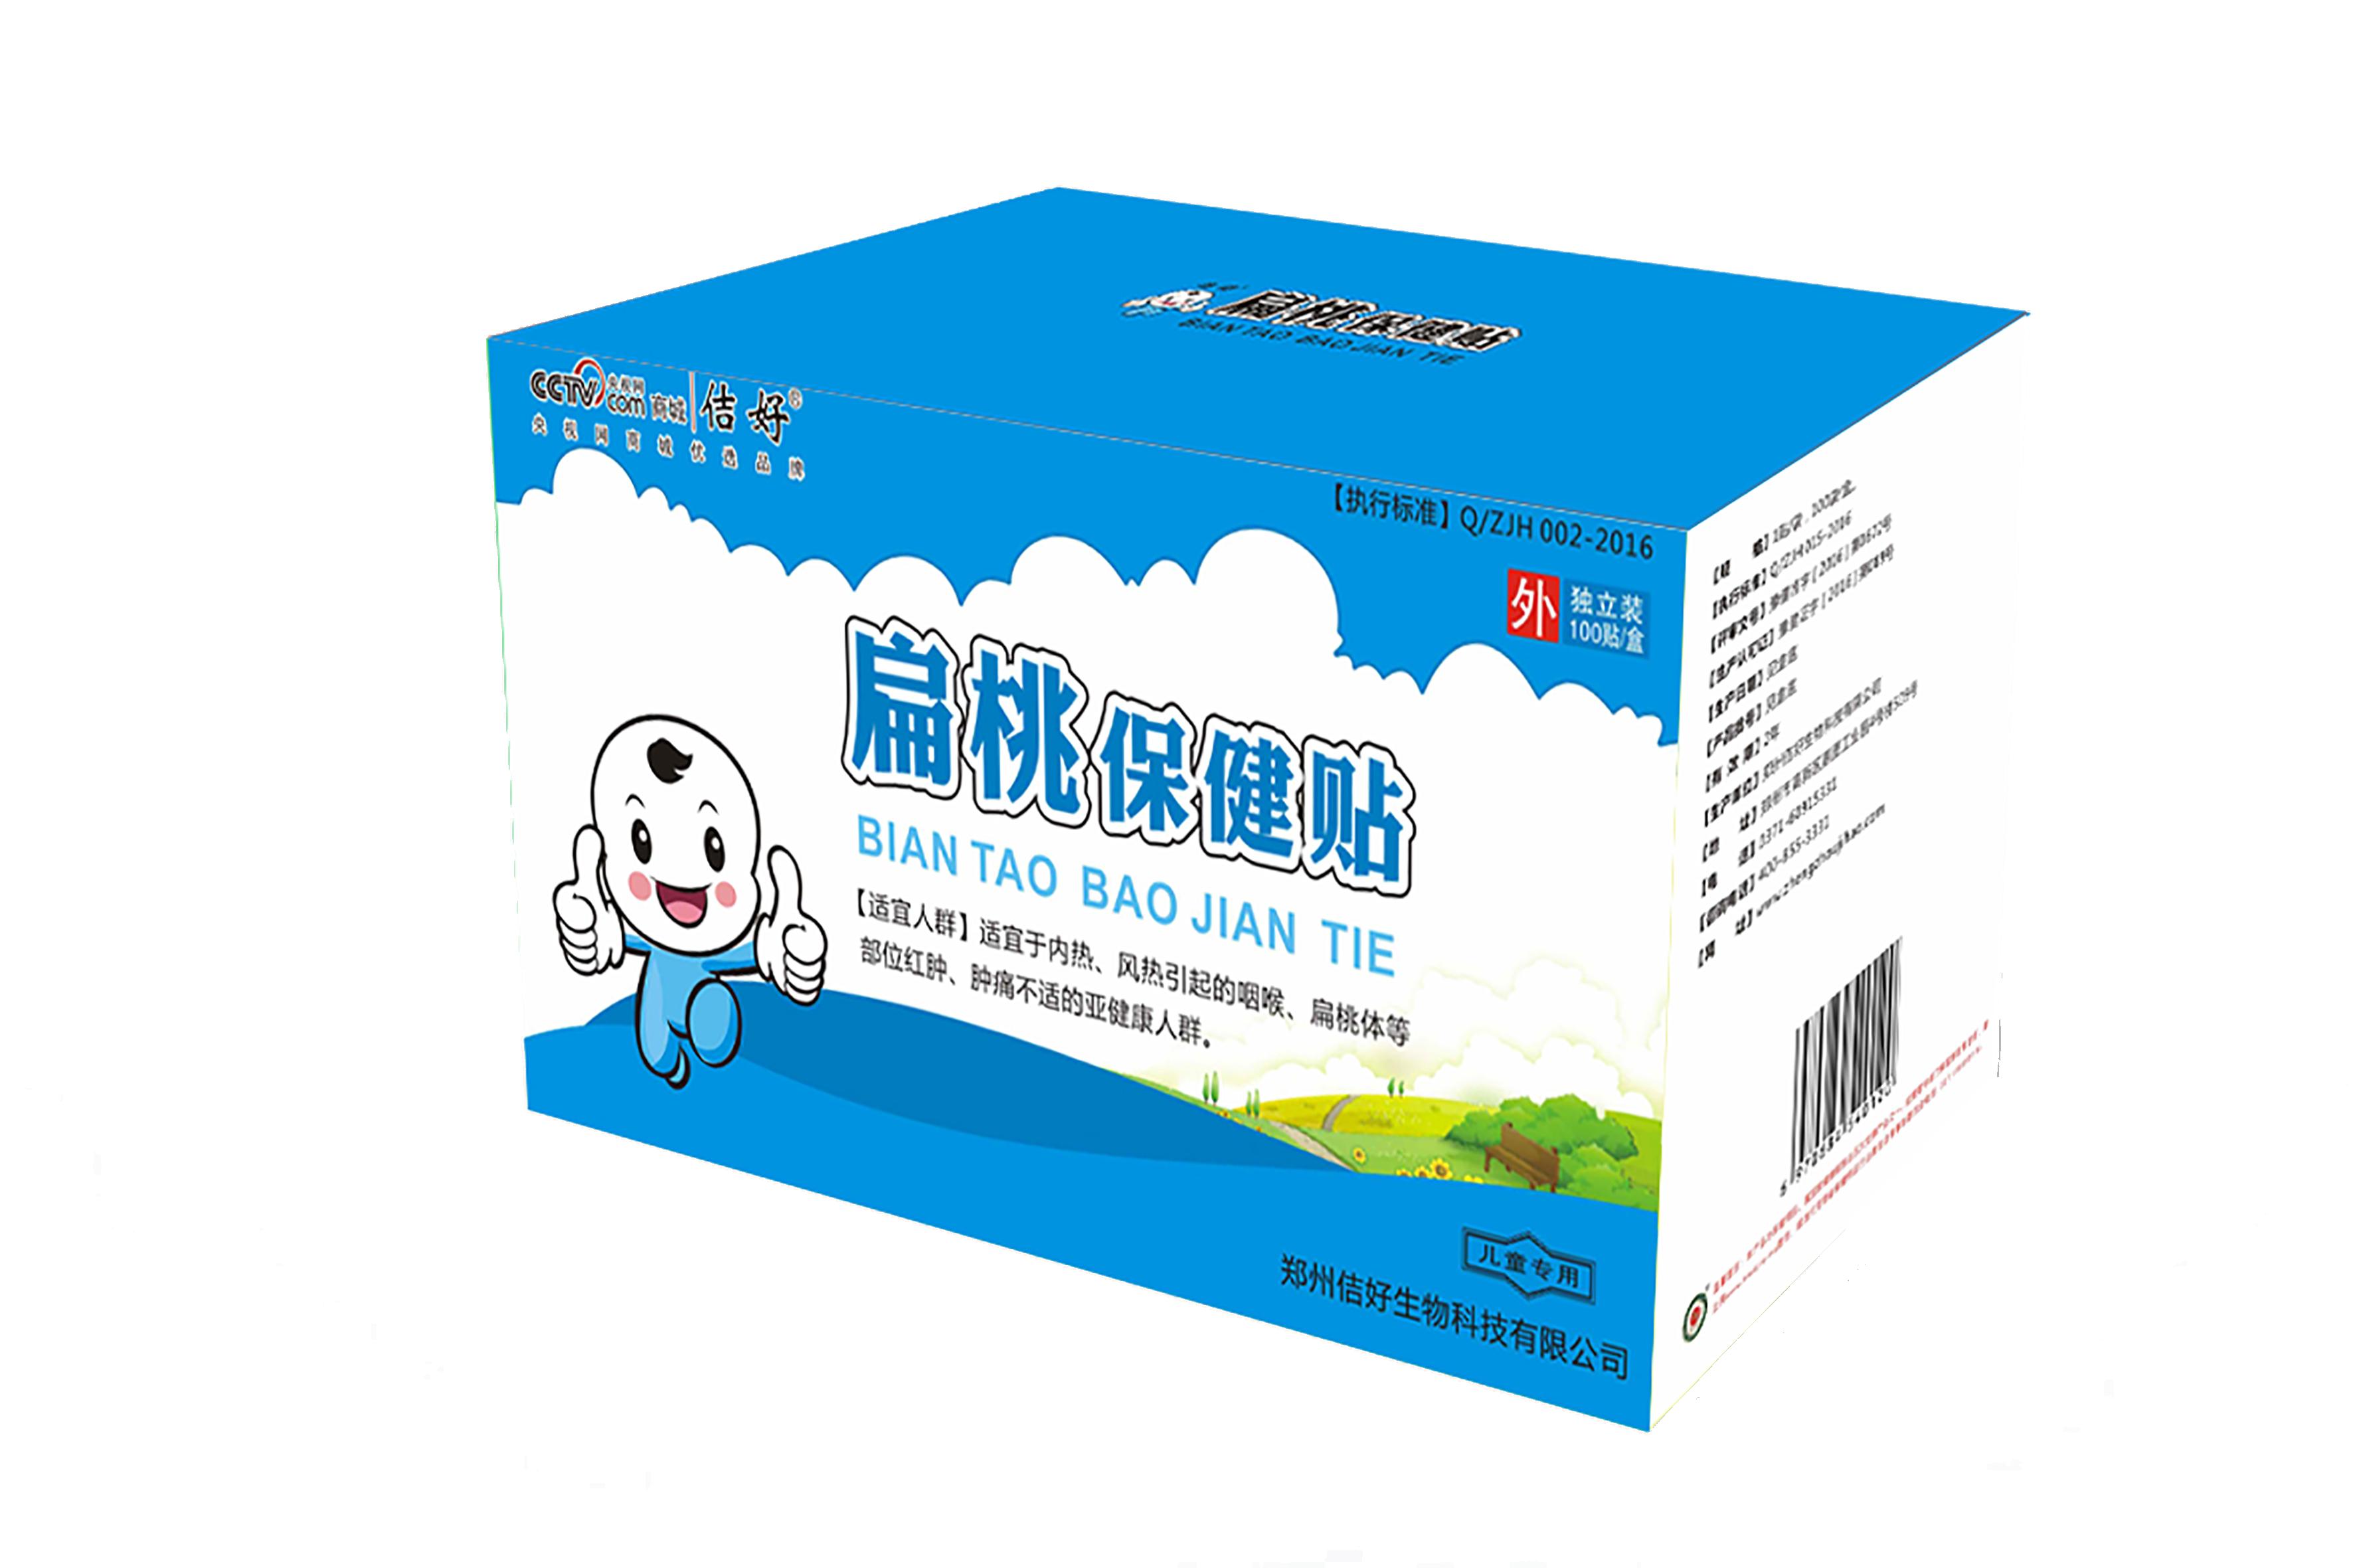 产品中心_儿童感冒贴,儿童腹泻贴,儿童退热贴,儿童贴